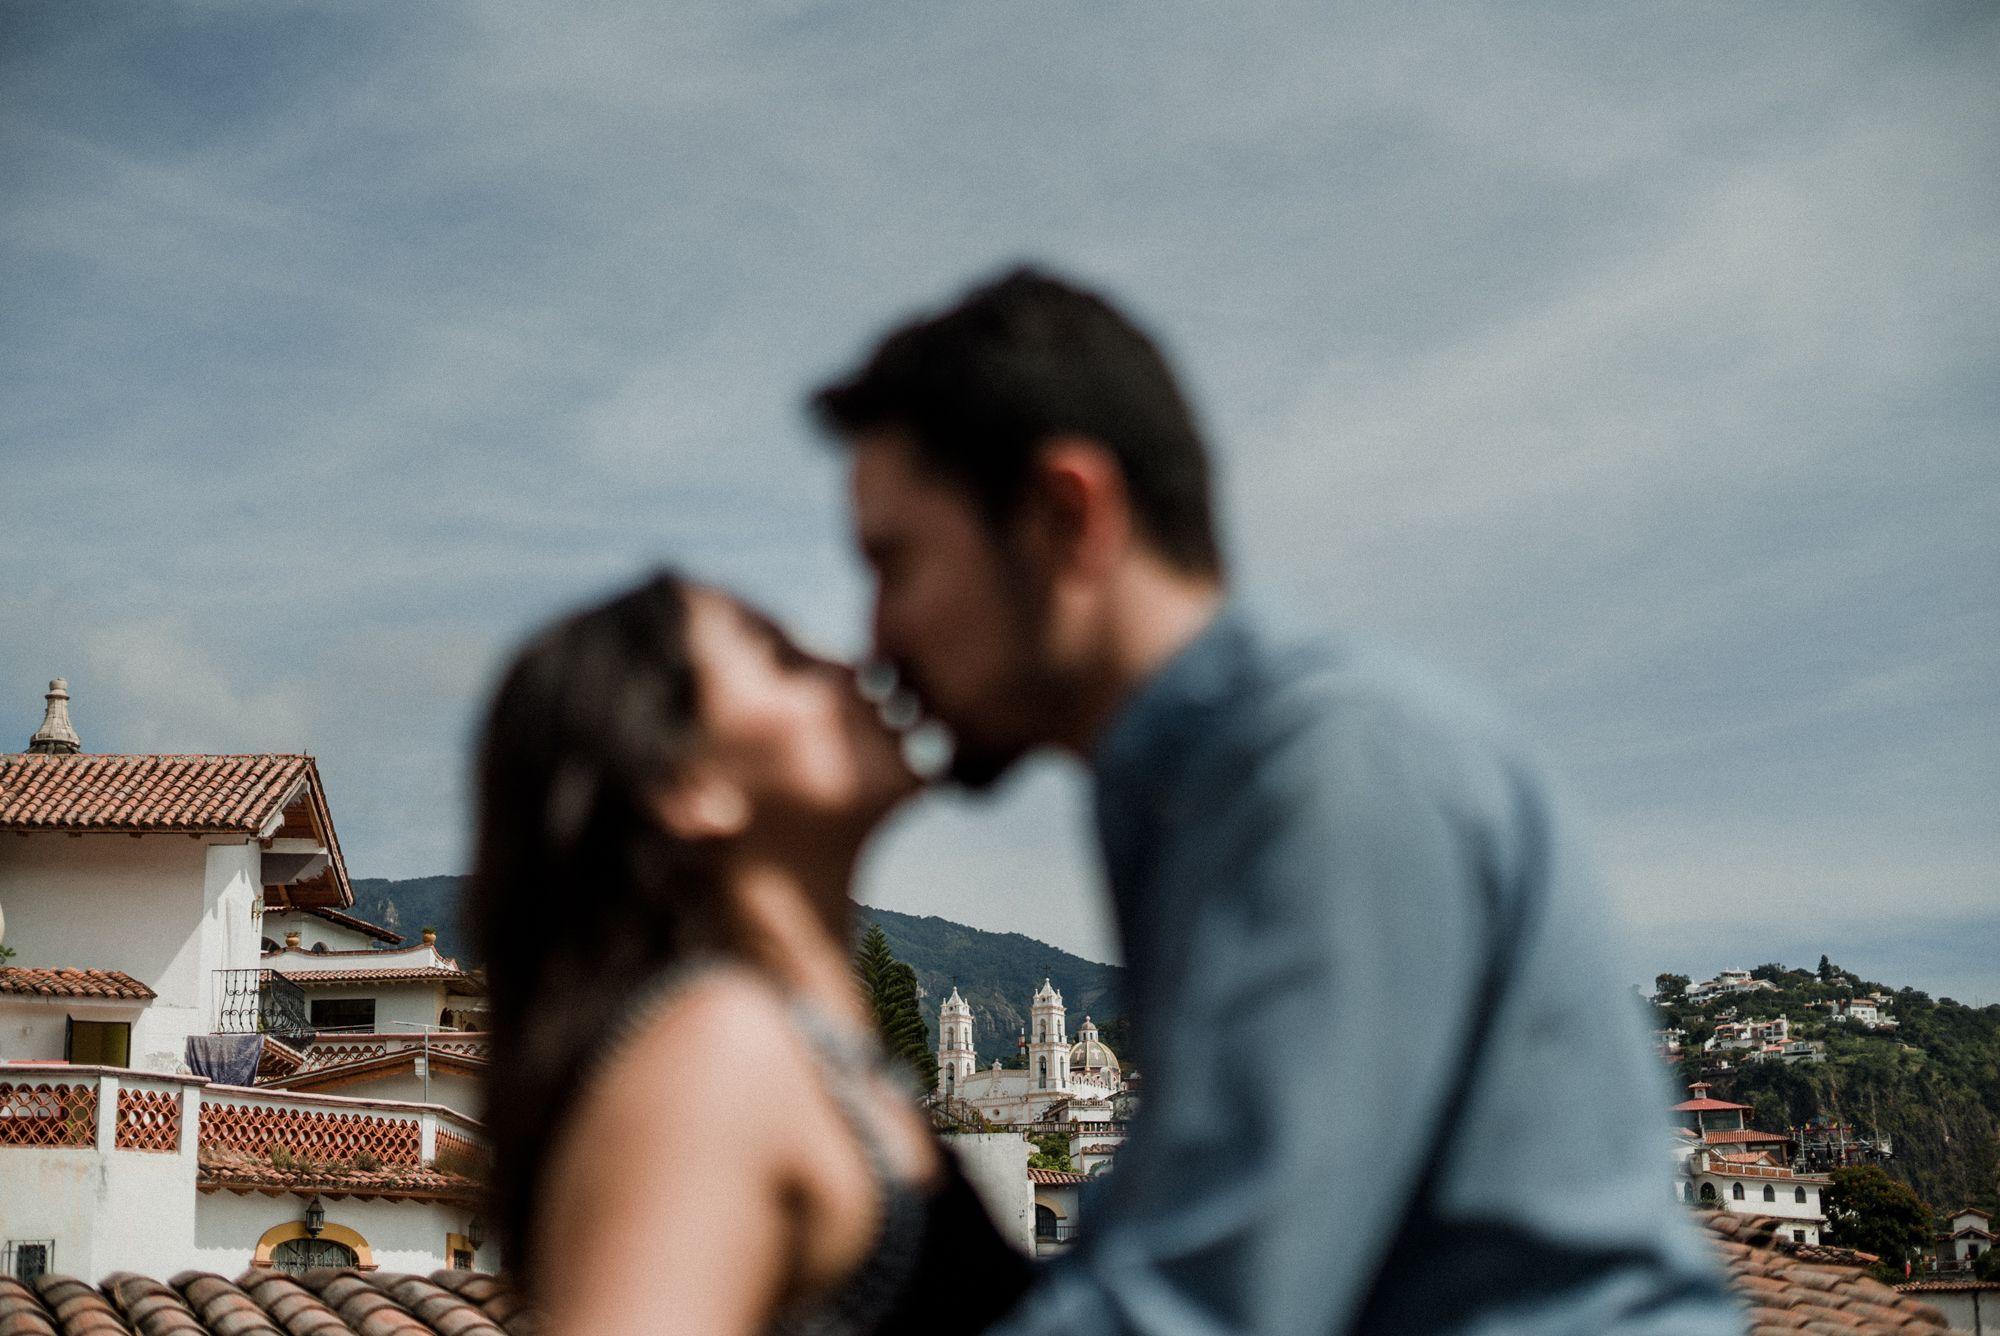 Wedding Photography, wedding photo ideas, fotografia de bodas, fotografo de bodas, wedding photographer, save the date filomenamx.com Taxco, guerrero, bodas taxco, mirador